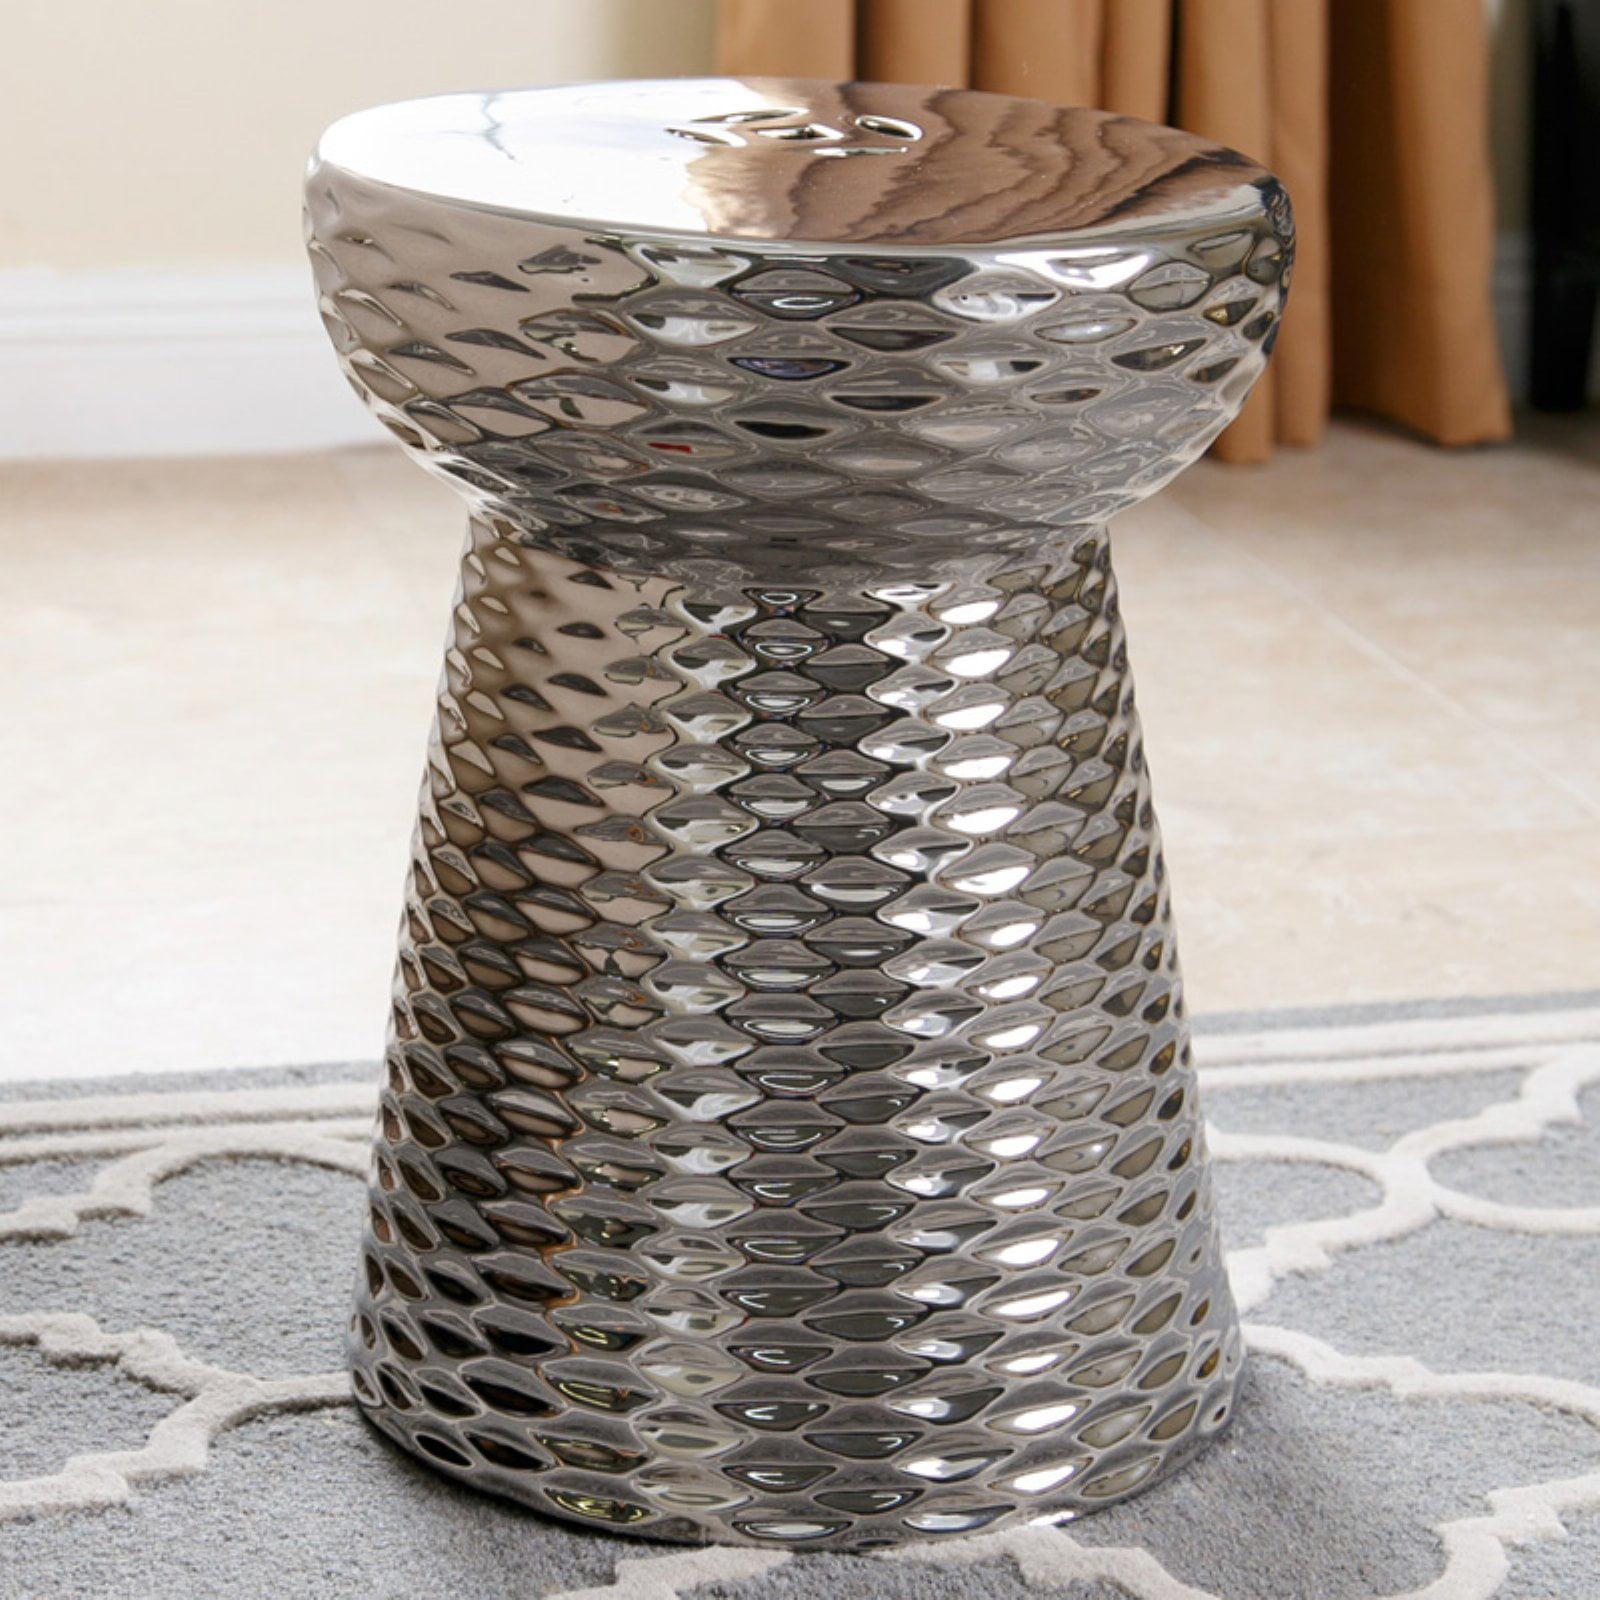 Abbyson Hannah Silver Chrome Ceramic Garden Stool